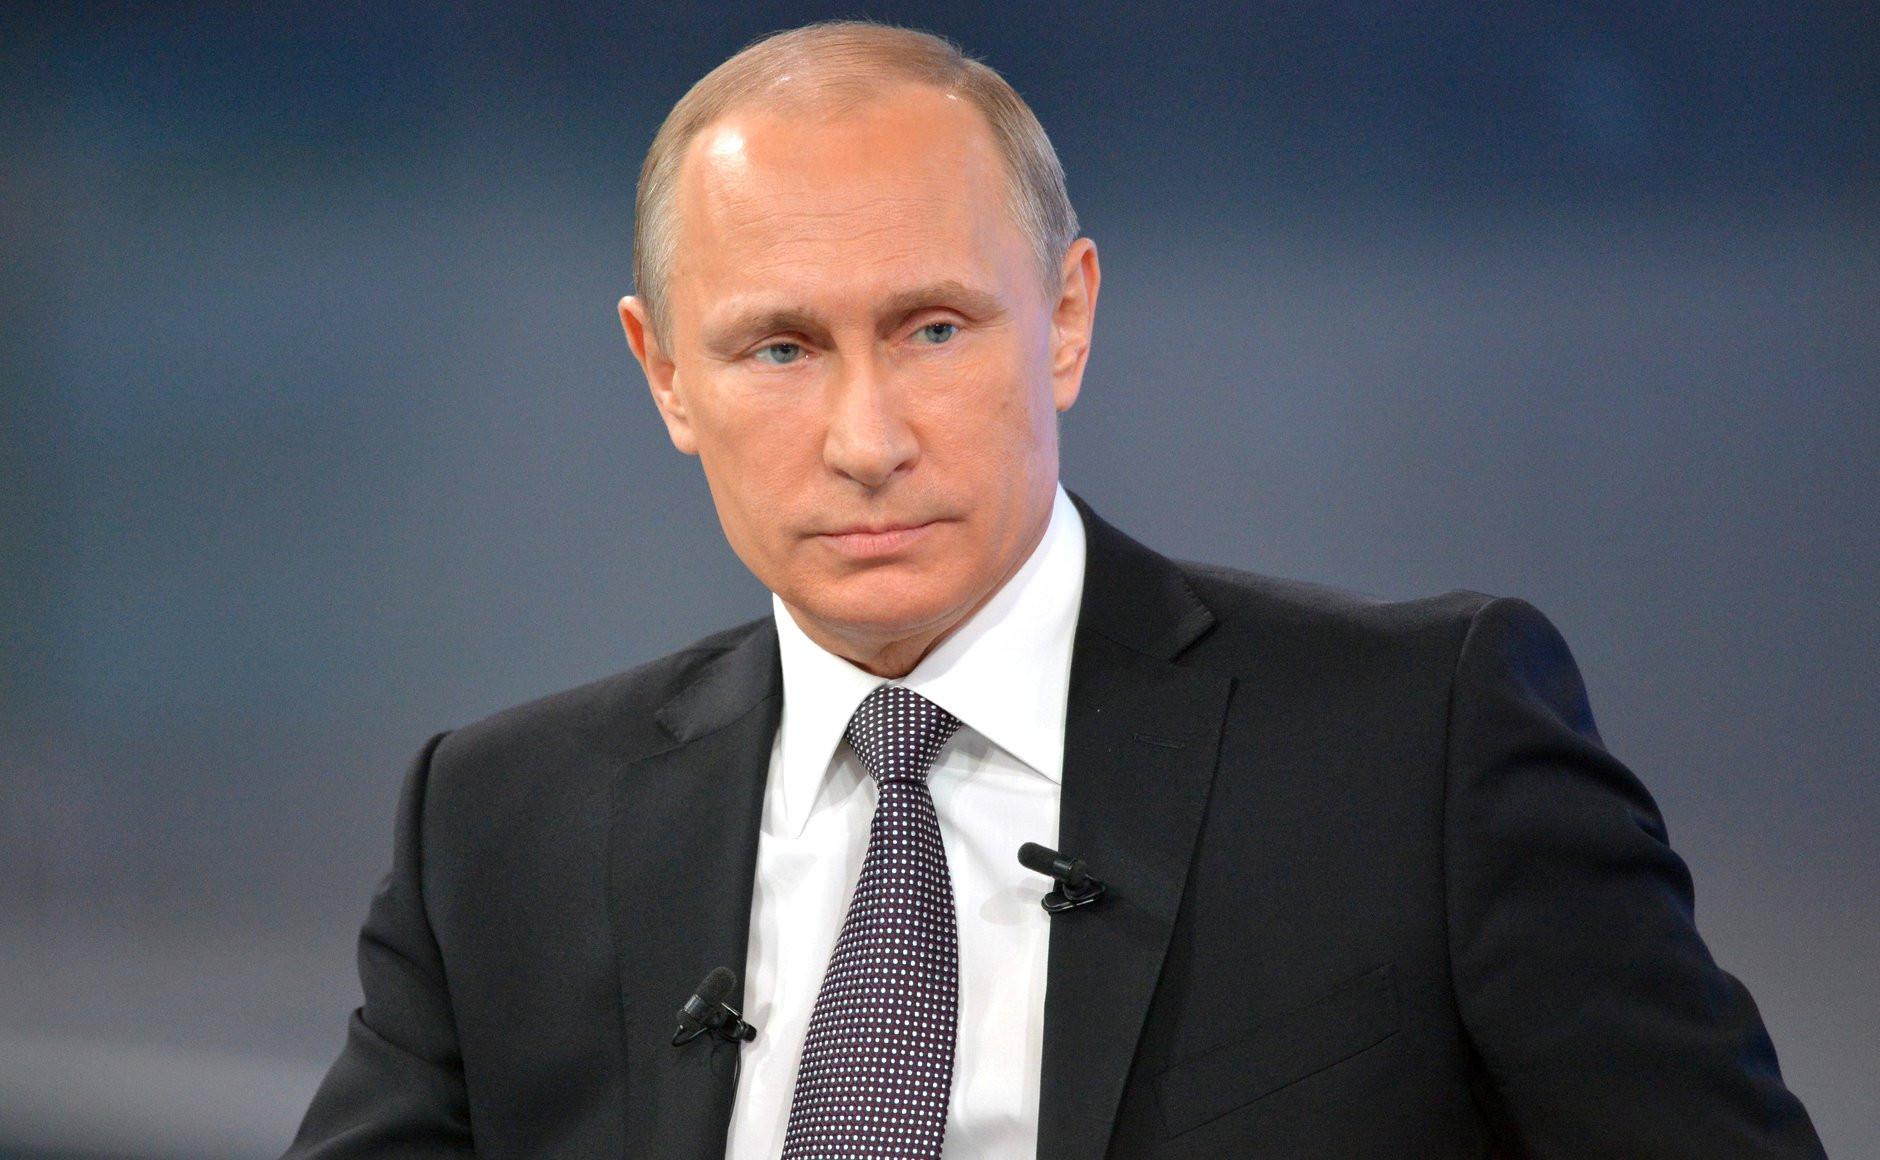 Второй препарат от коронавируса будет готов в сентябре - Путин